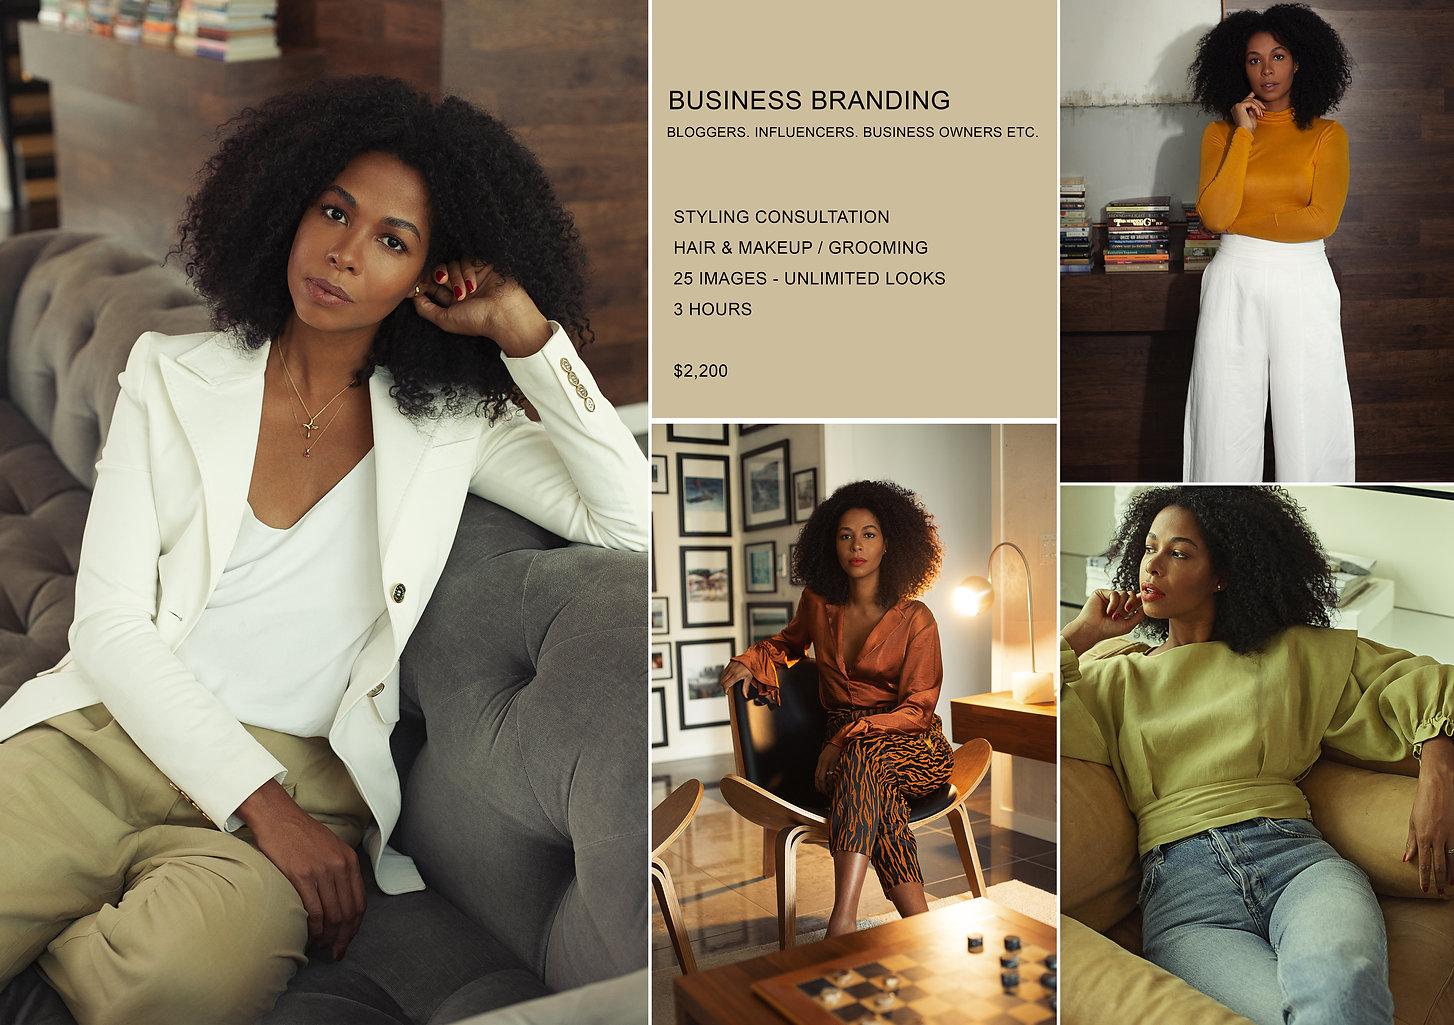 business_branding.jpg